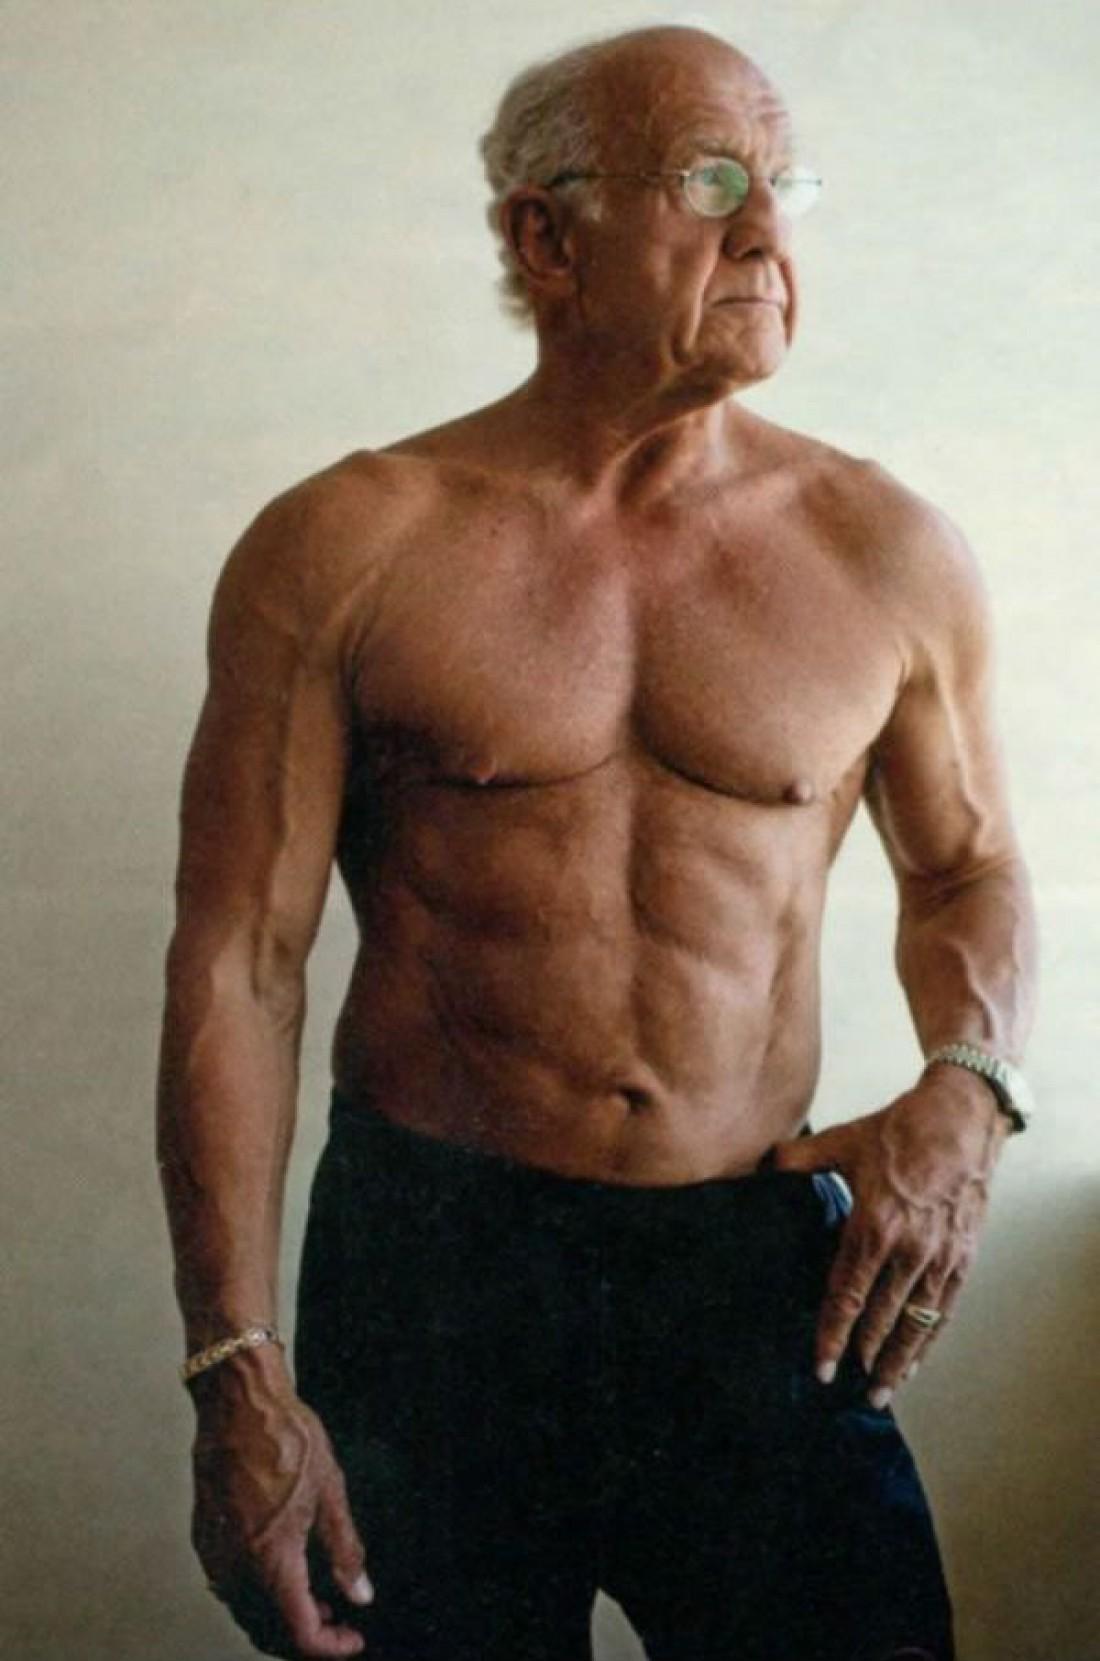 Джеффри Лайф (Jeffry Life) — старик из США, решивший заниматься культуризмом. Возраст — 72